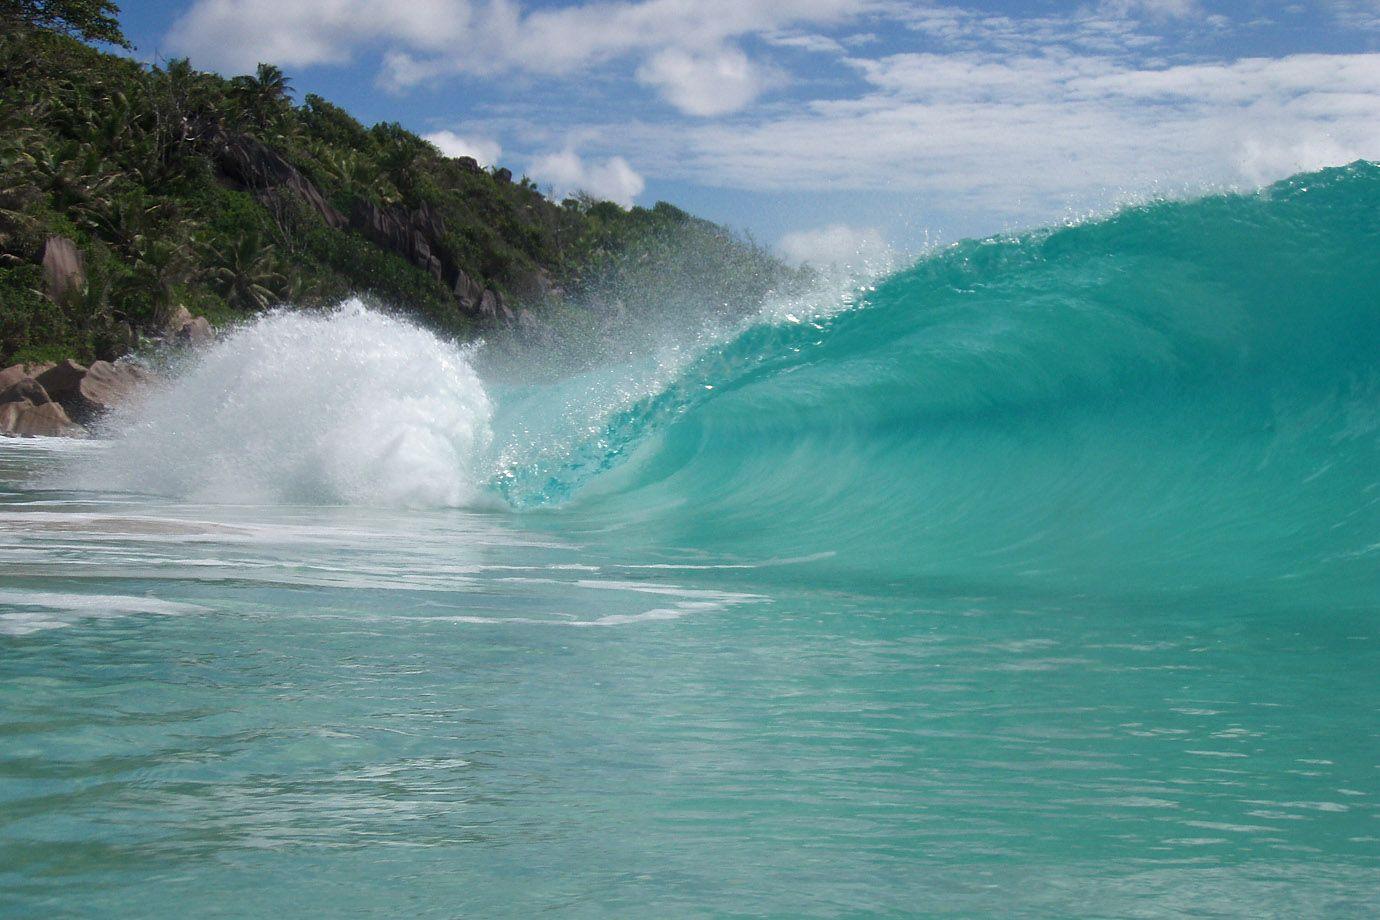 Wellen Aus Wasser Und Wichse